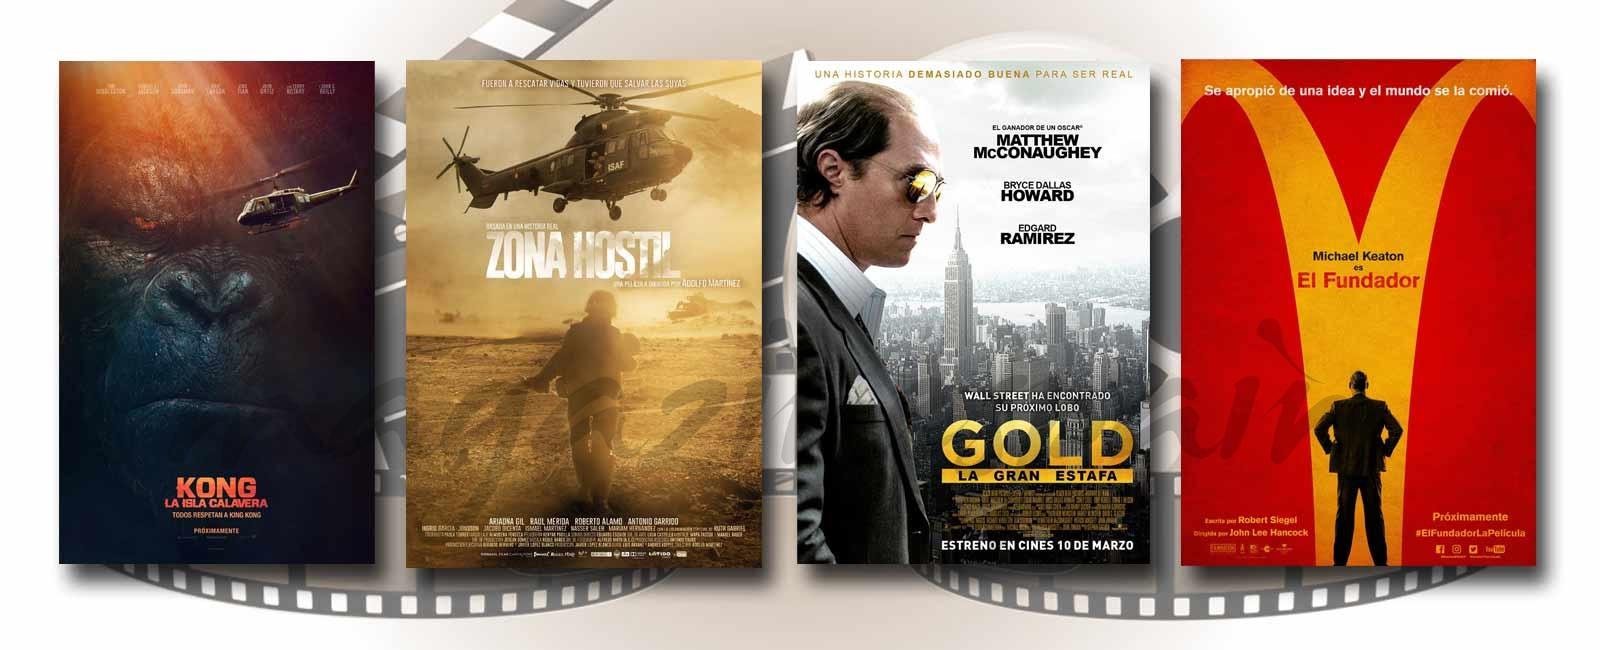 Estrenos de Cine de la Semana… 10 de Marzo 2017